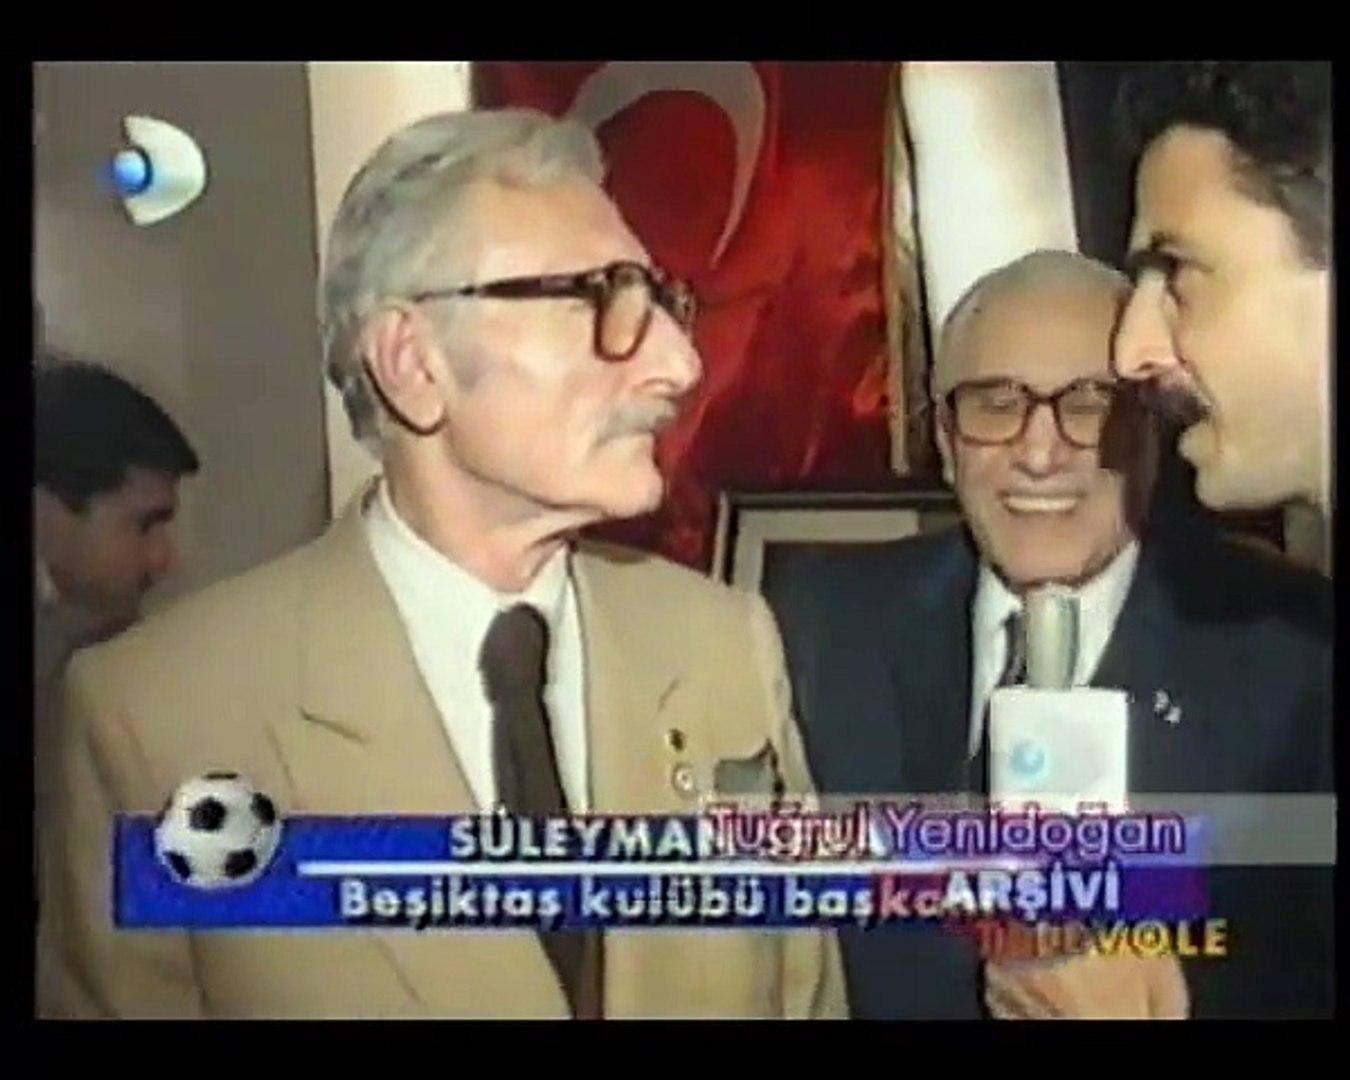 1994-95 Sezonu Şampiyonu Beşiktaş'ın Şampiyonluk Resepsiyonu Görüntüleri/1994-95 Season Champio